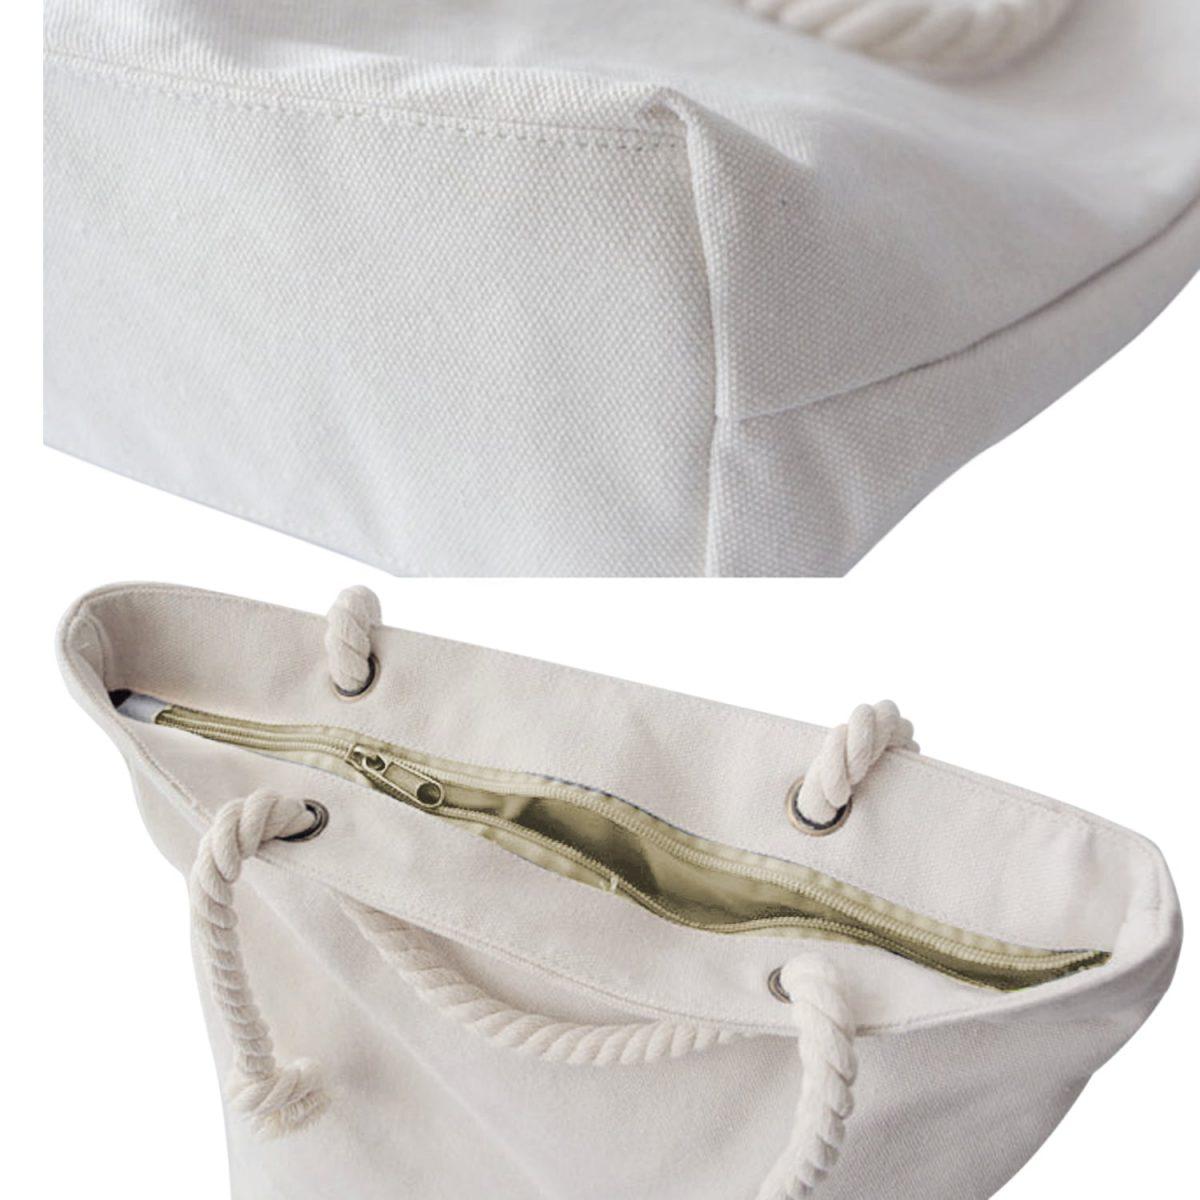 Beyaz Zeminde Baykuşlar Özel Tasarım Dijital Baskılı Bez Çanta Realhomes